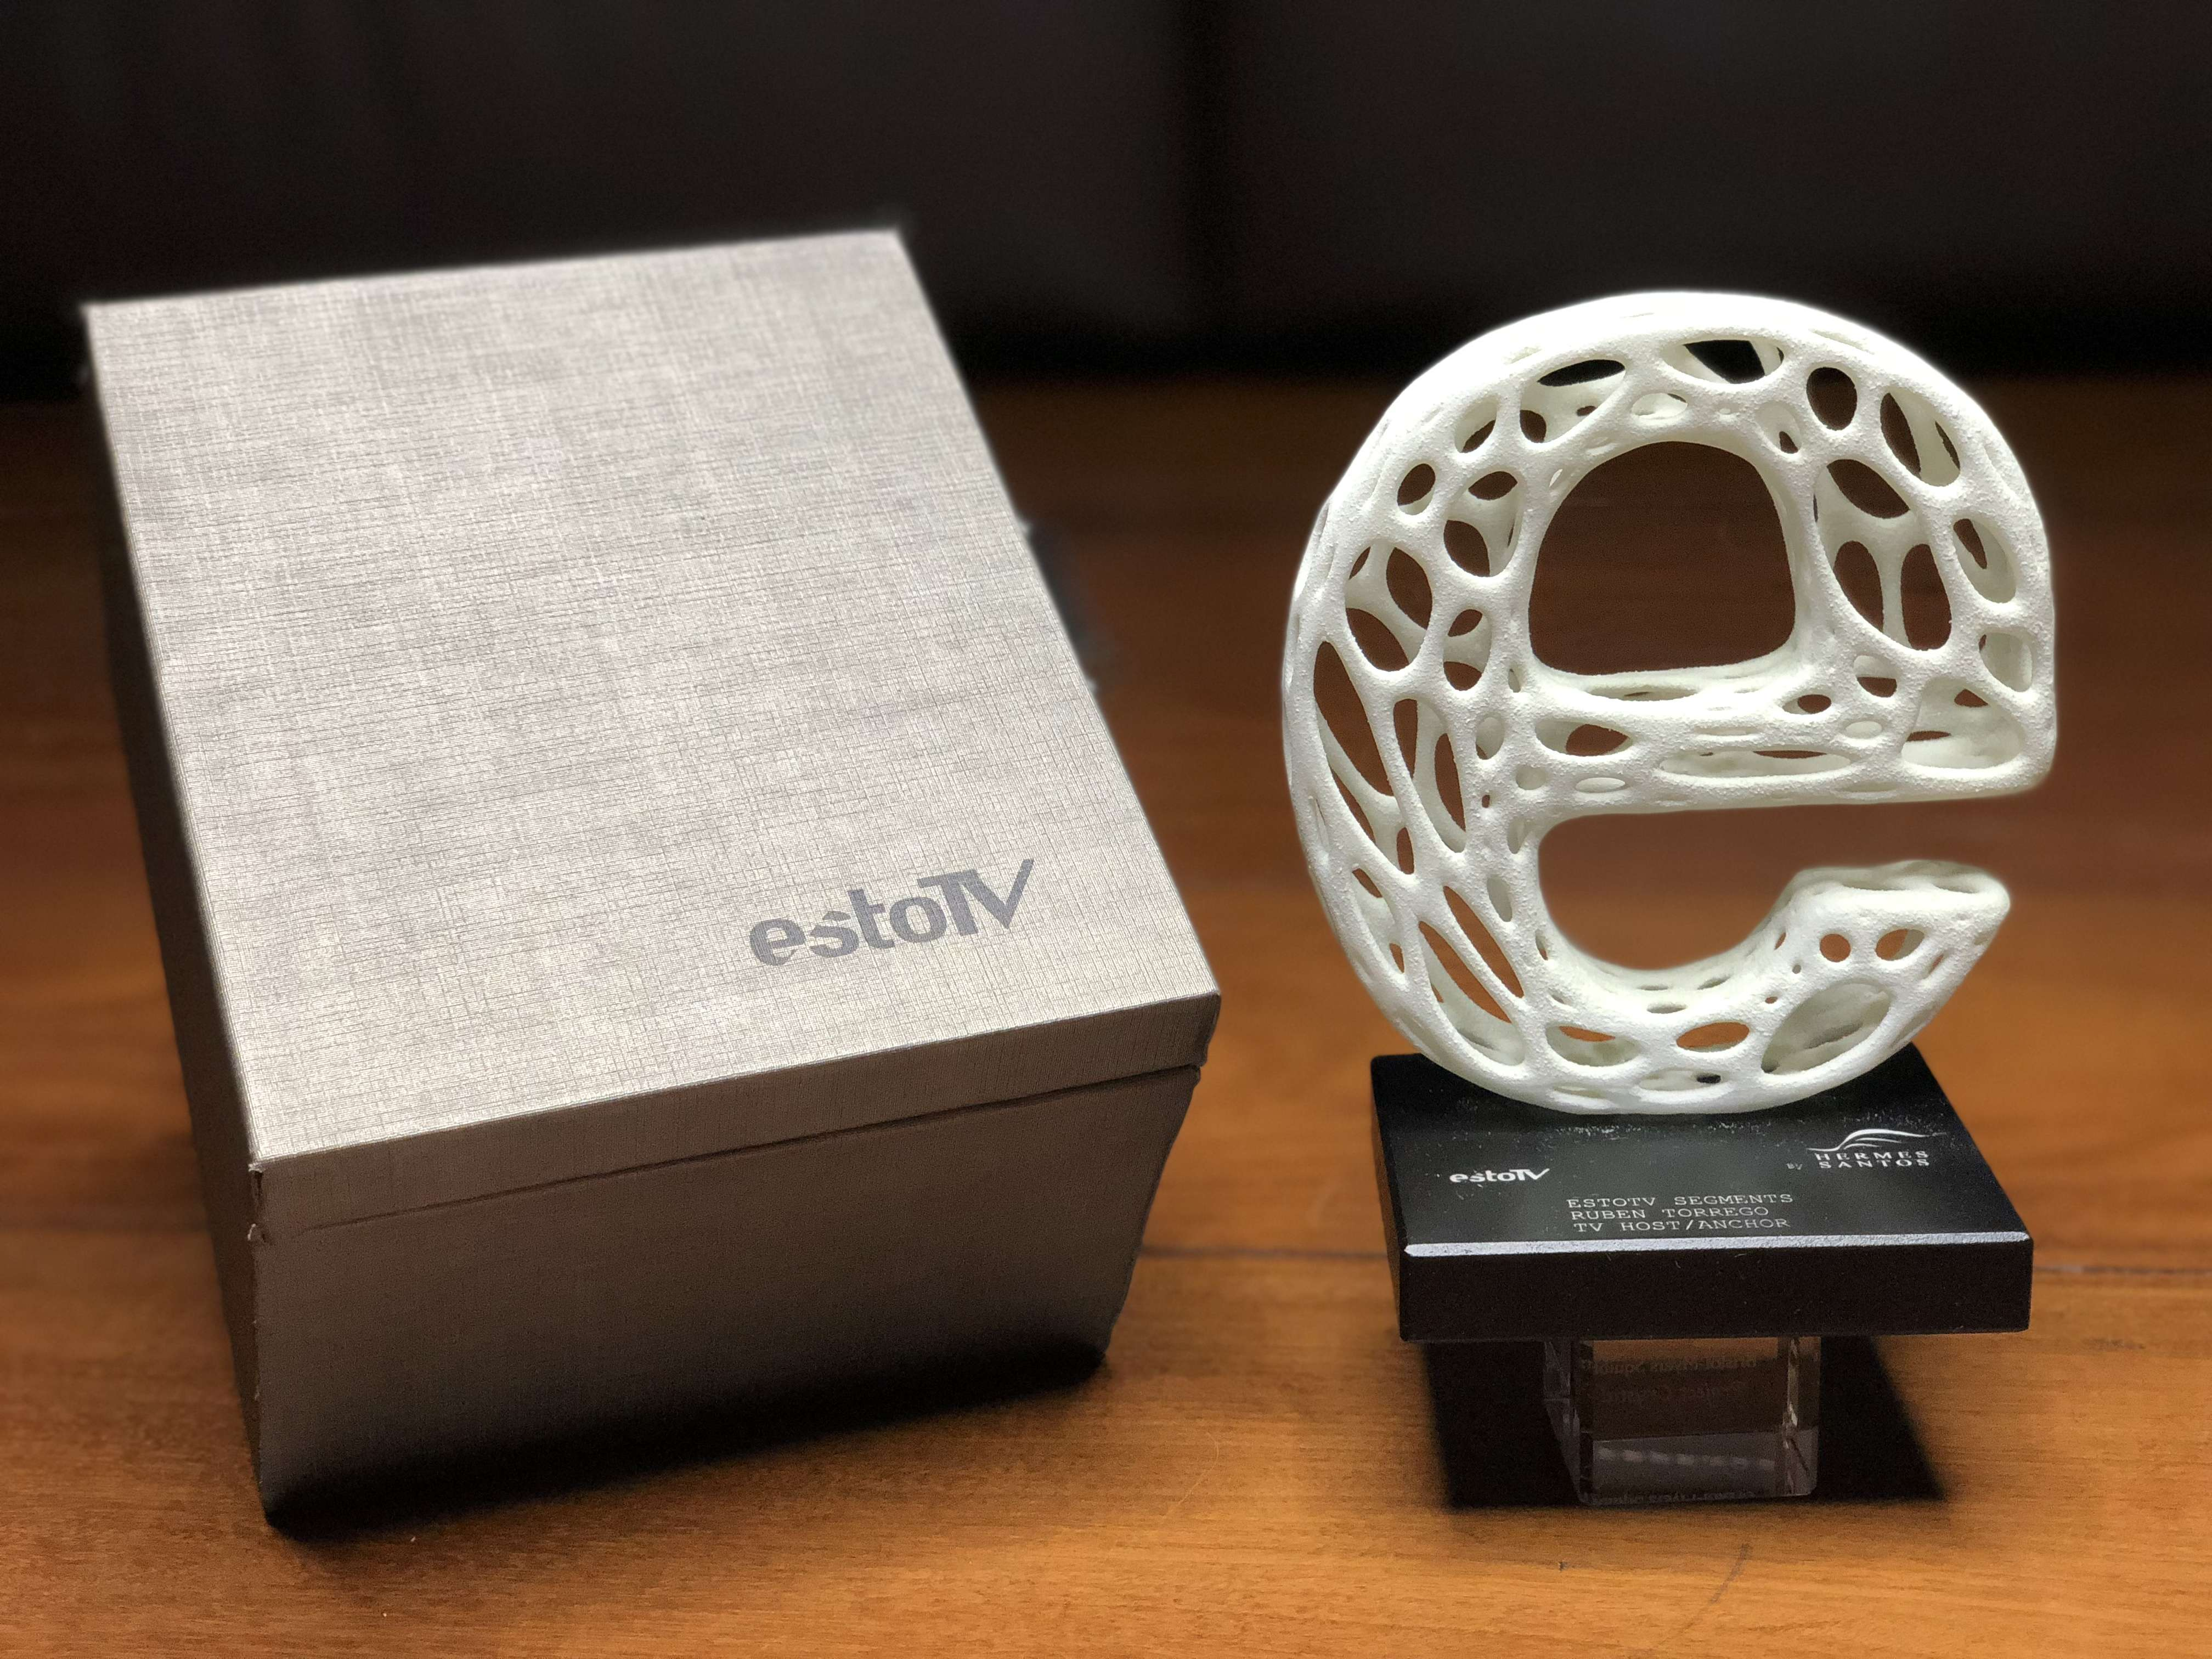 ESTOTV comemora seus 3 anos de existência e sucesso